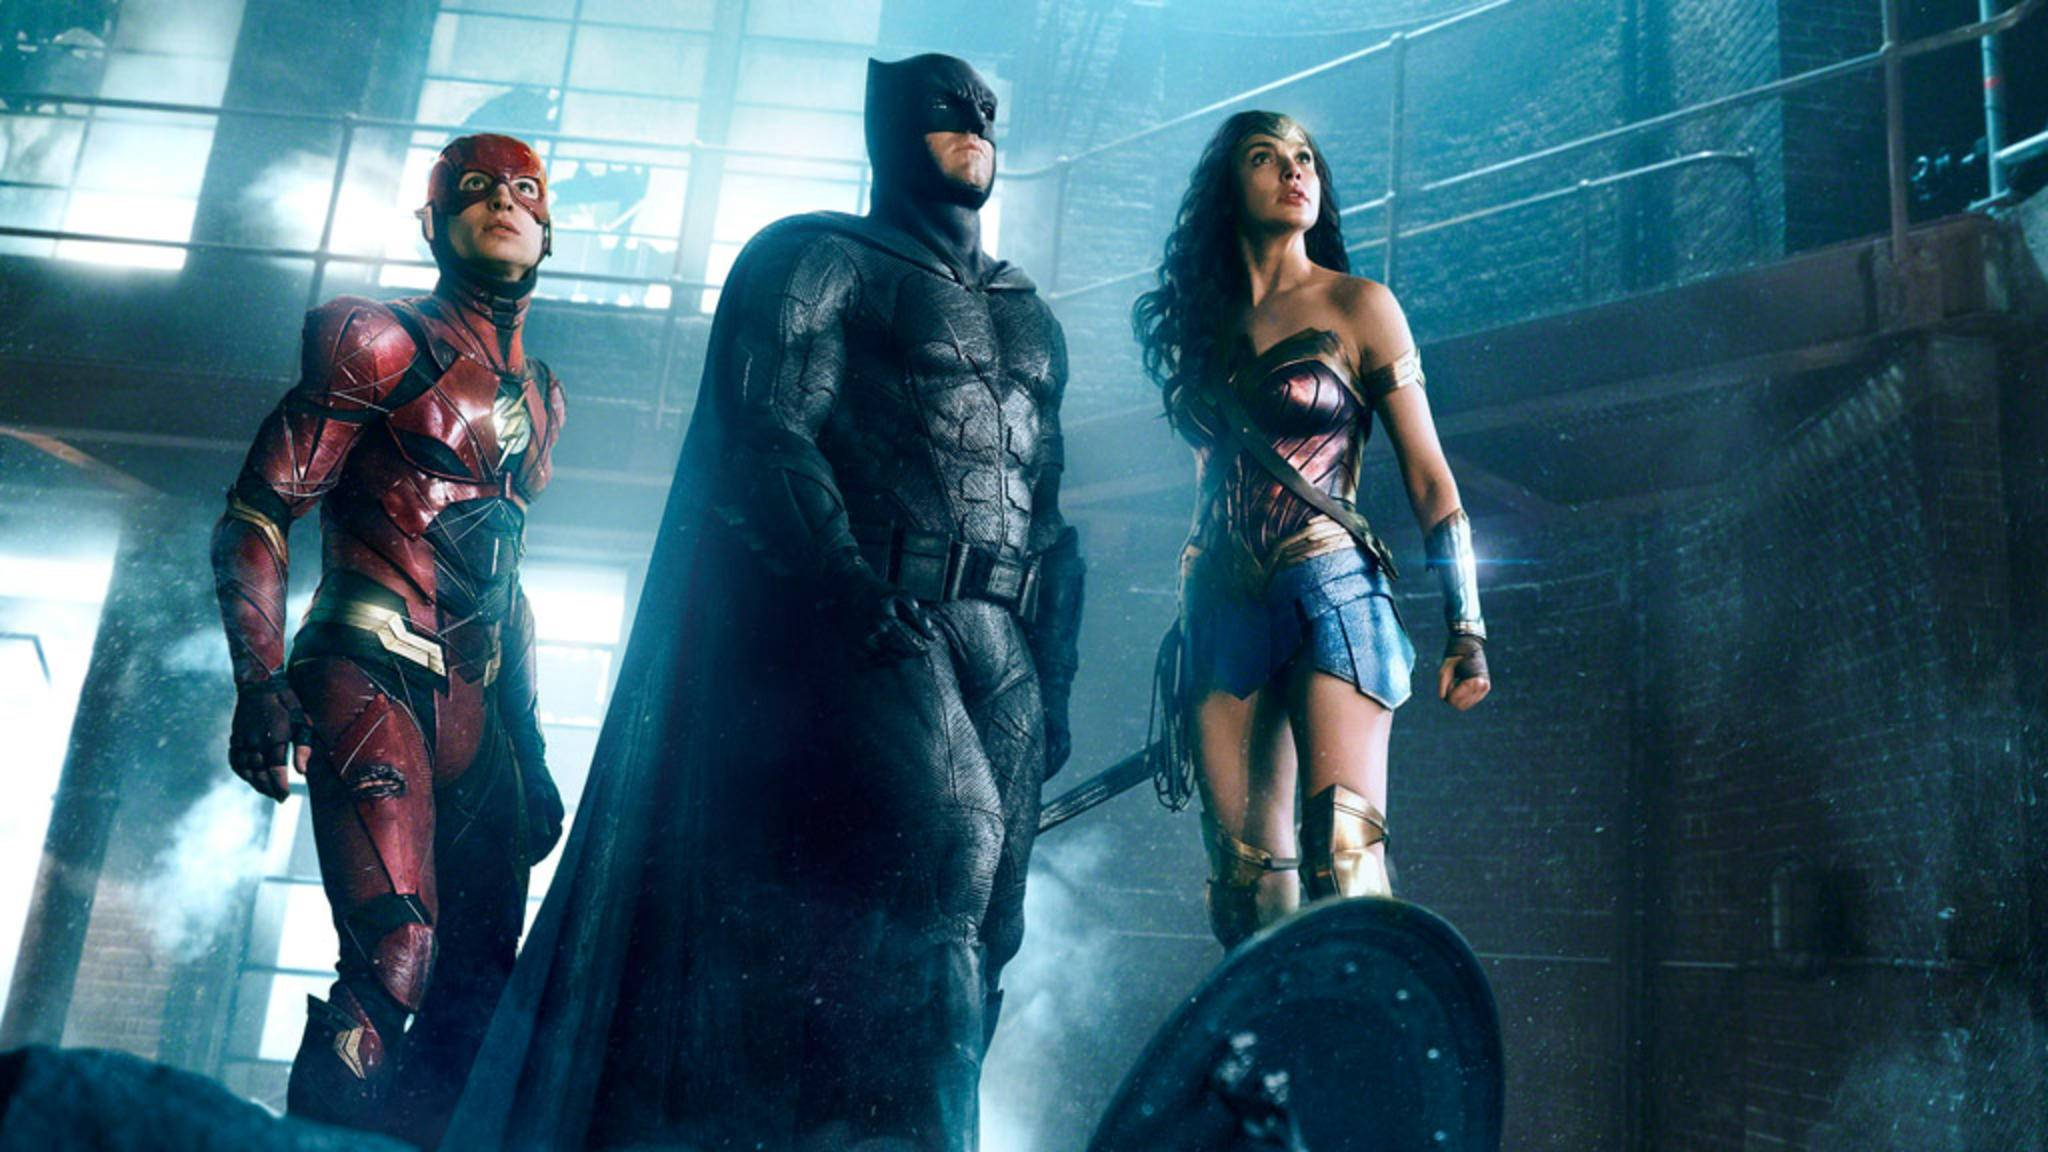 """Das nahende Debüt der Gerechtigkeitsliga, """"Justice League"""", war während der Comic-Con der am meisten diskutierte Film auf Twitter."""